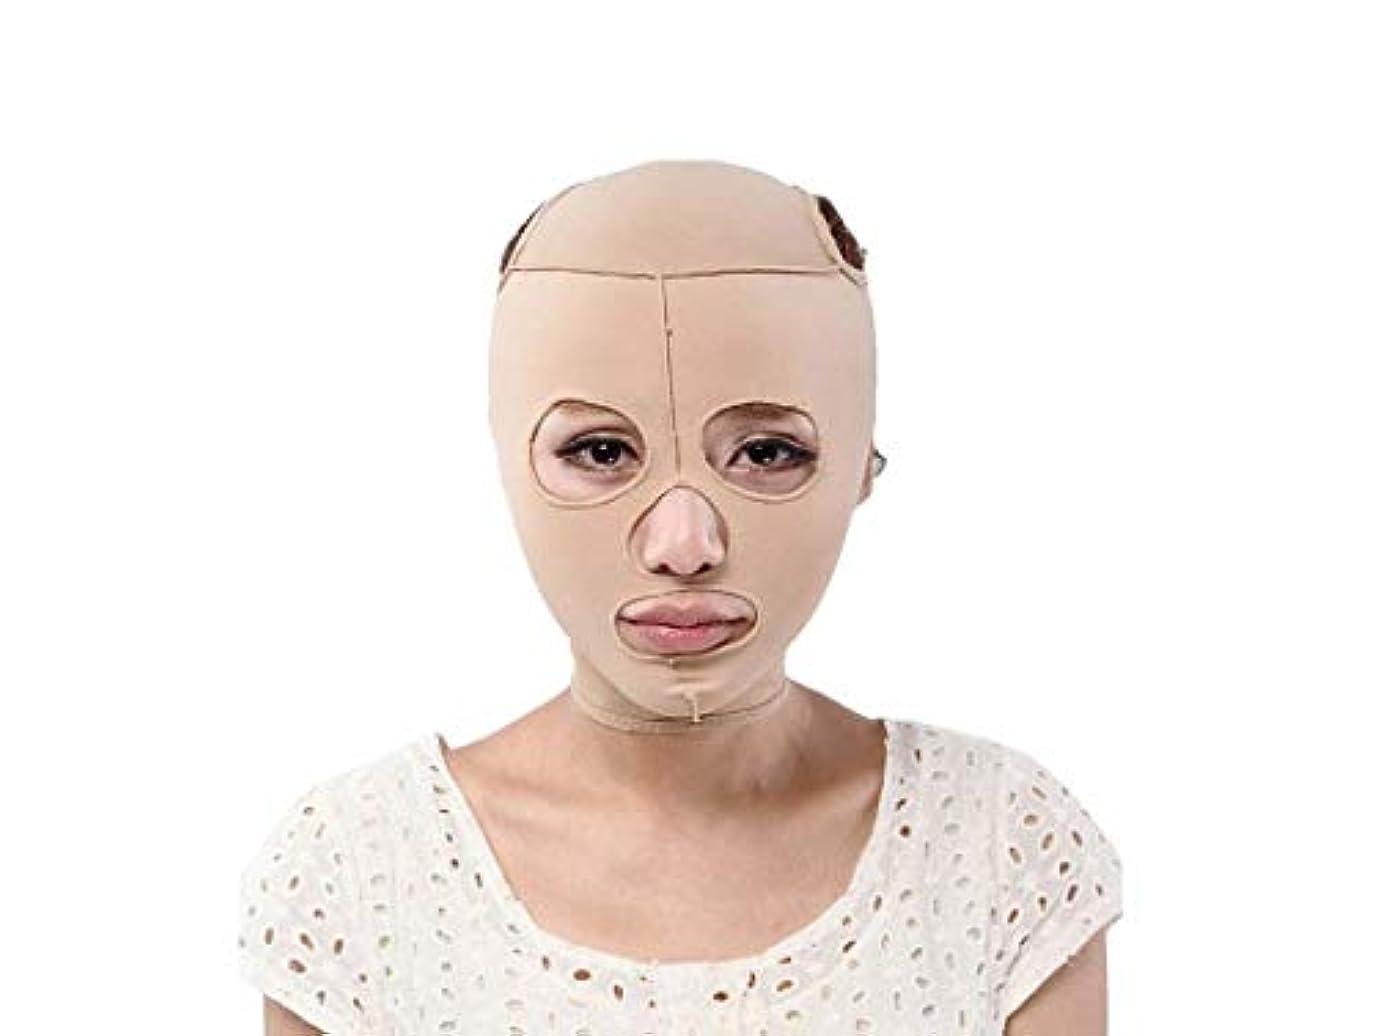 不運マインドフル限り痩身ベルト、フェイスマスクシンフェイス機器リフティング引き締めVフェイス男性と女性フェイスリフティングステッカーダブルチンフェイスリフティングフェイスマスク包帯フェイシャルマッサージ(サイズ:S)